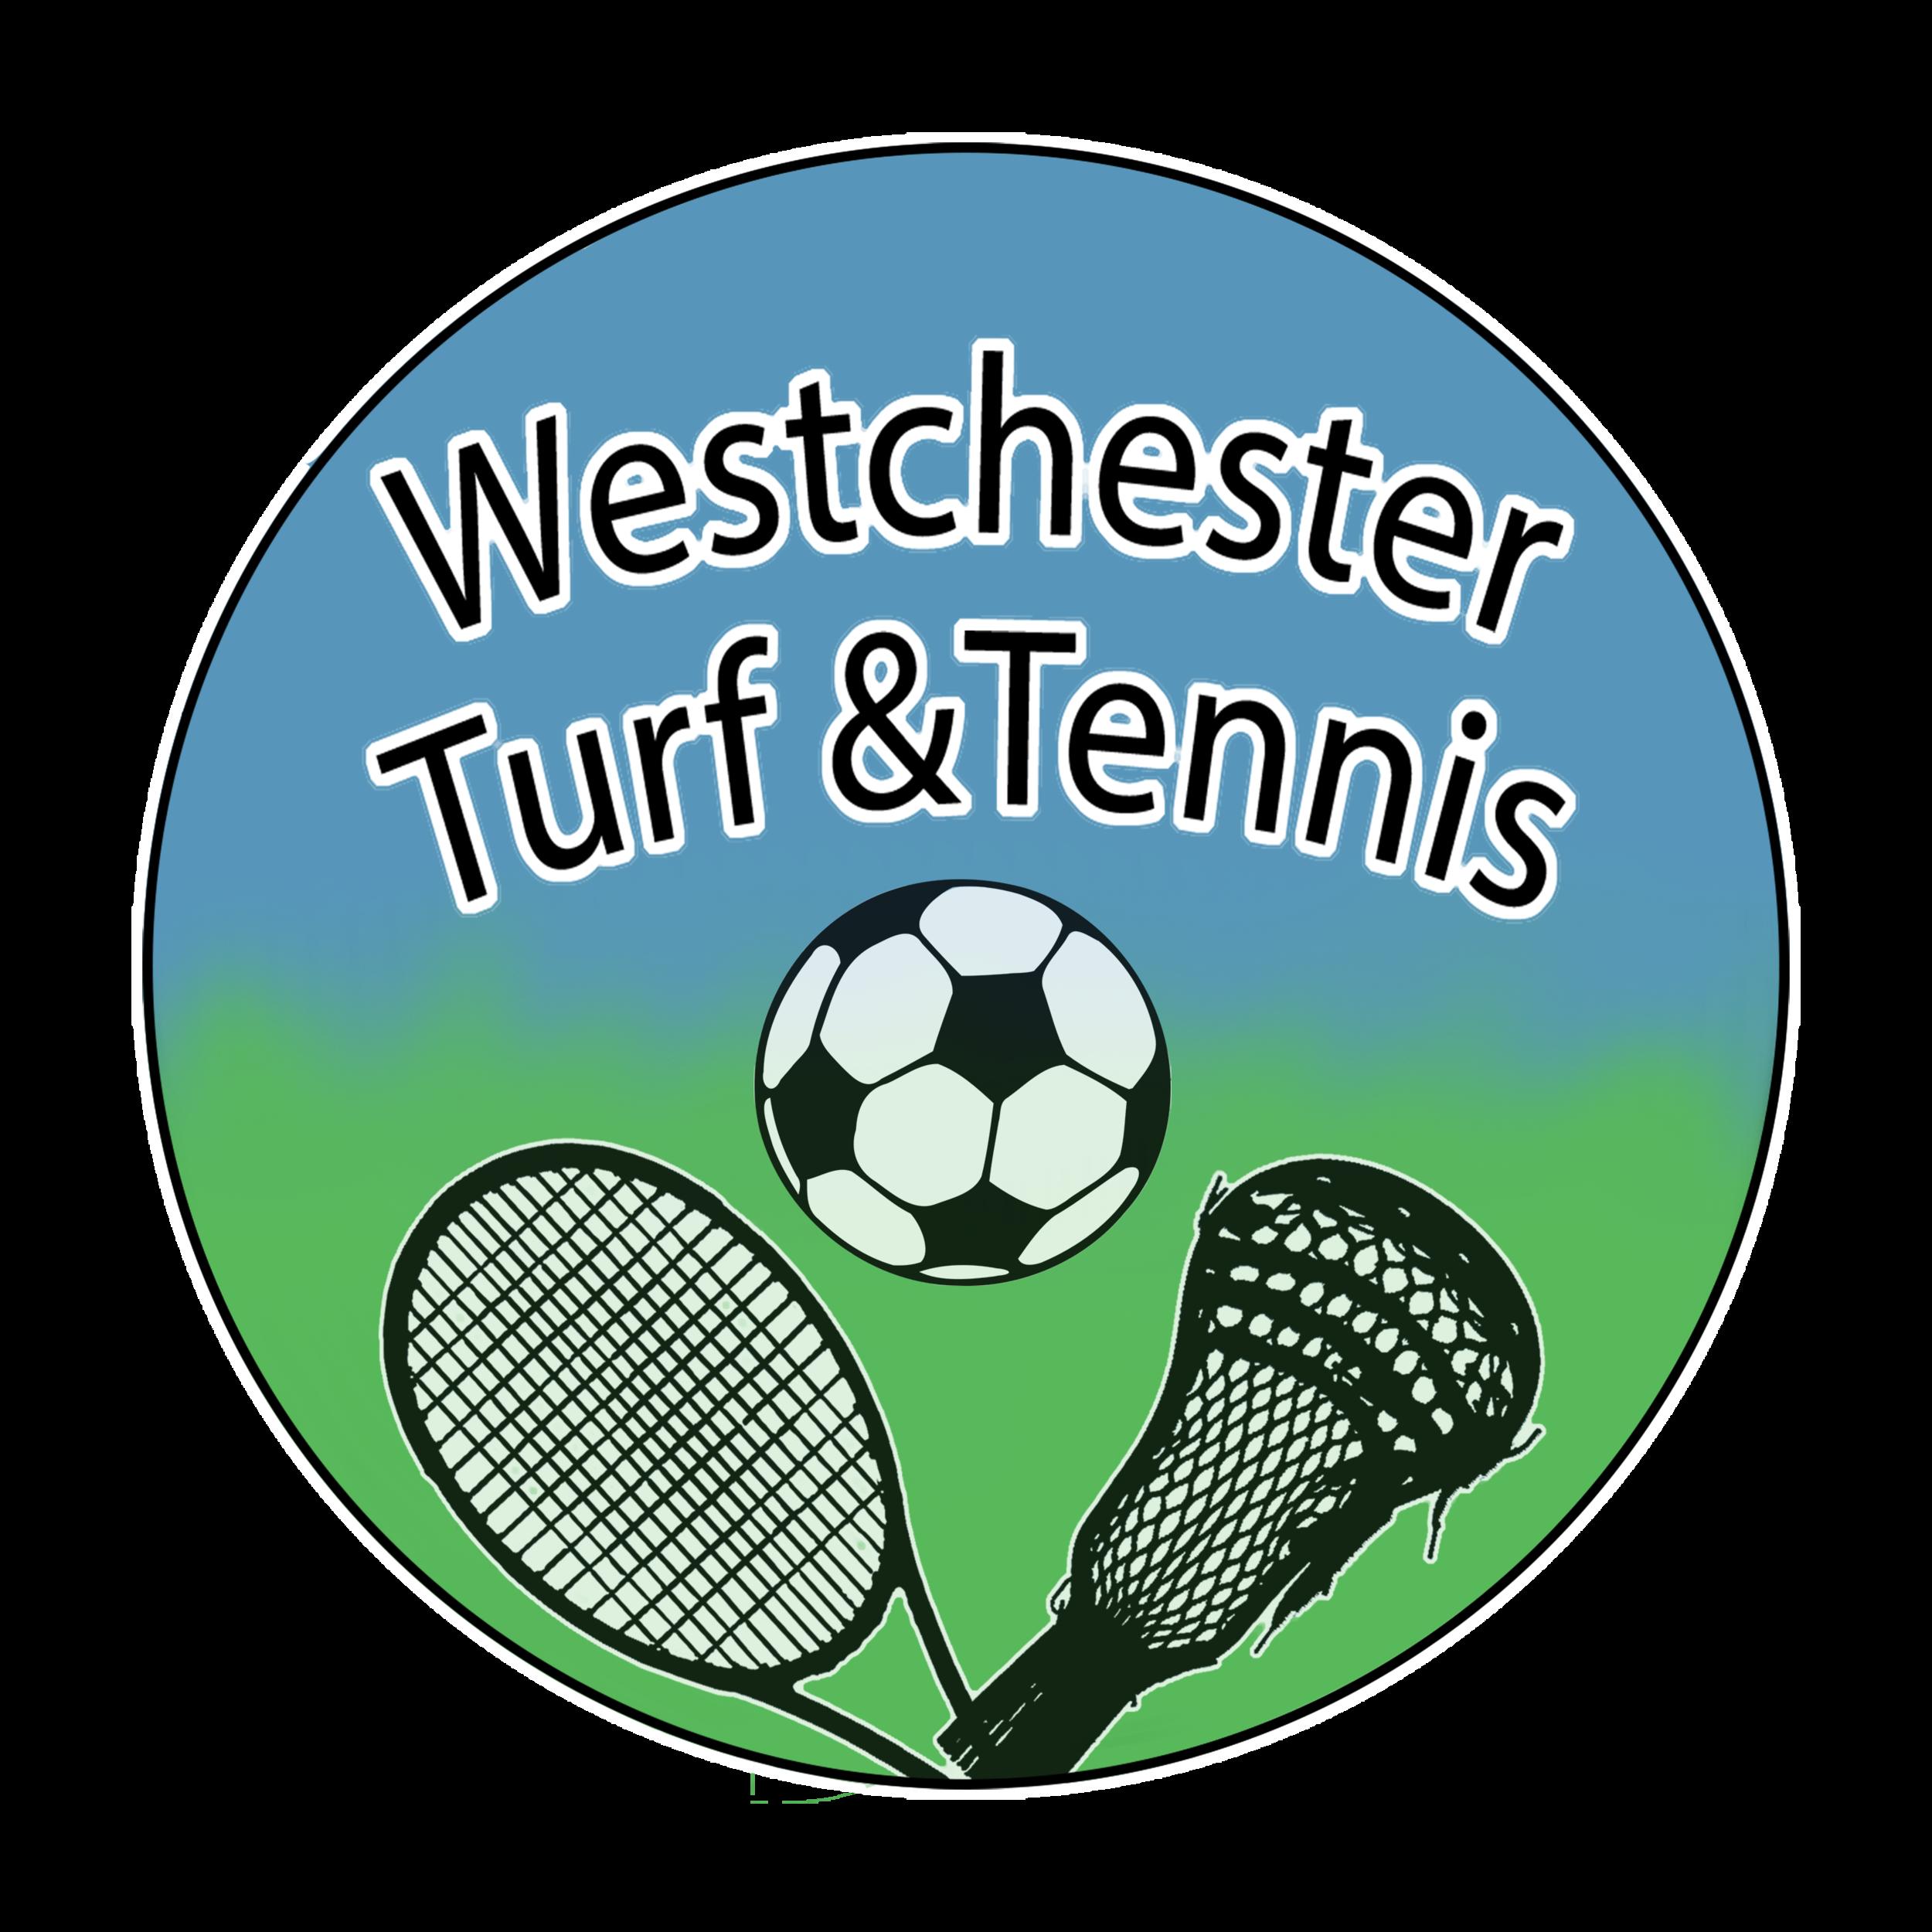 Westchester Turf & Tennis